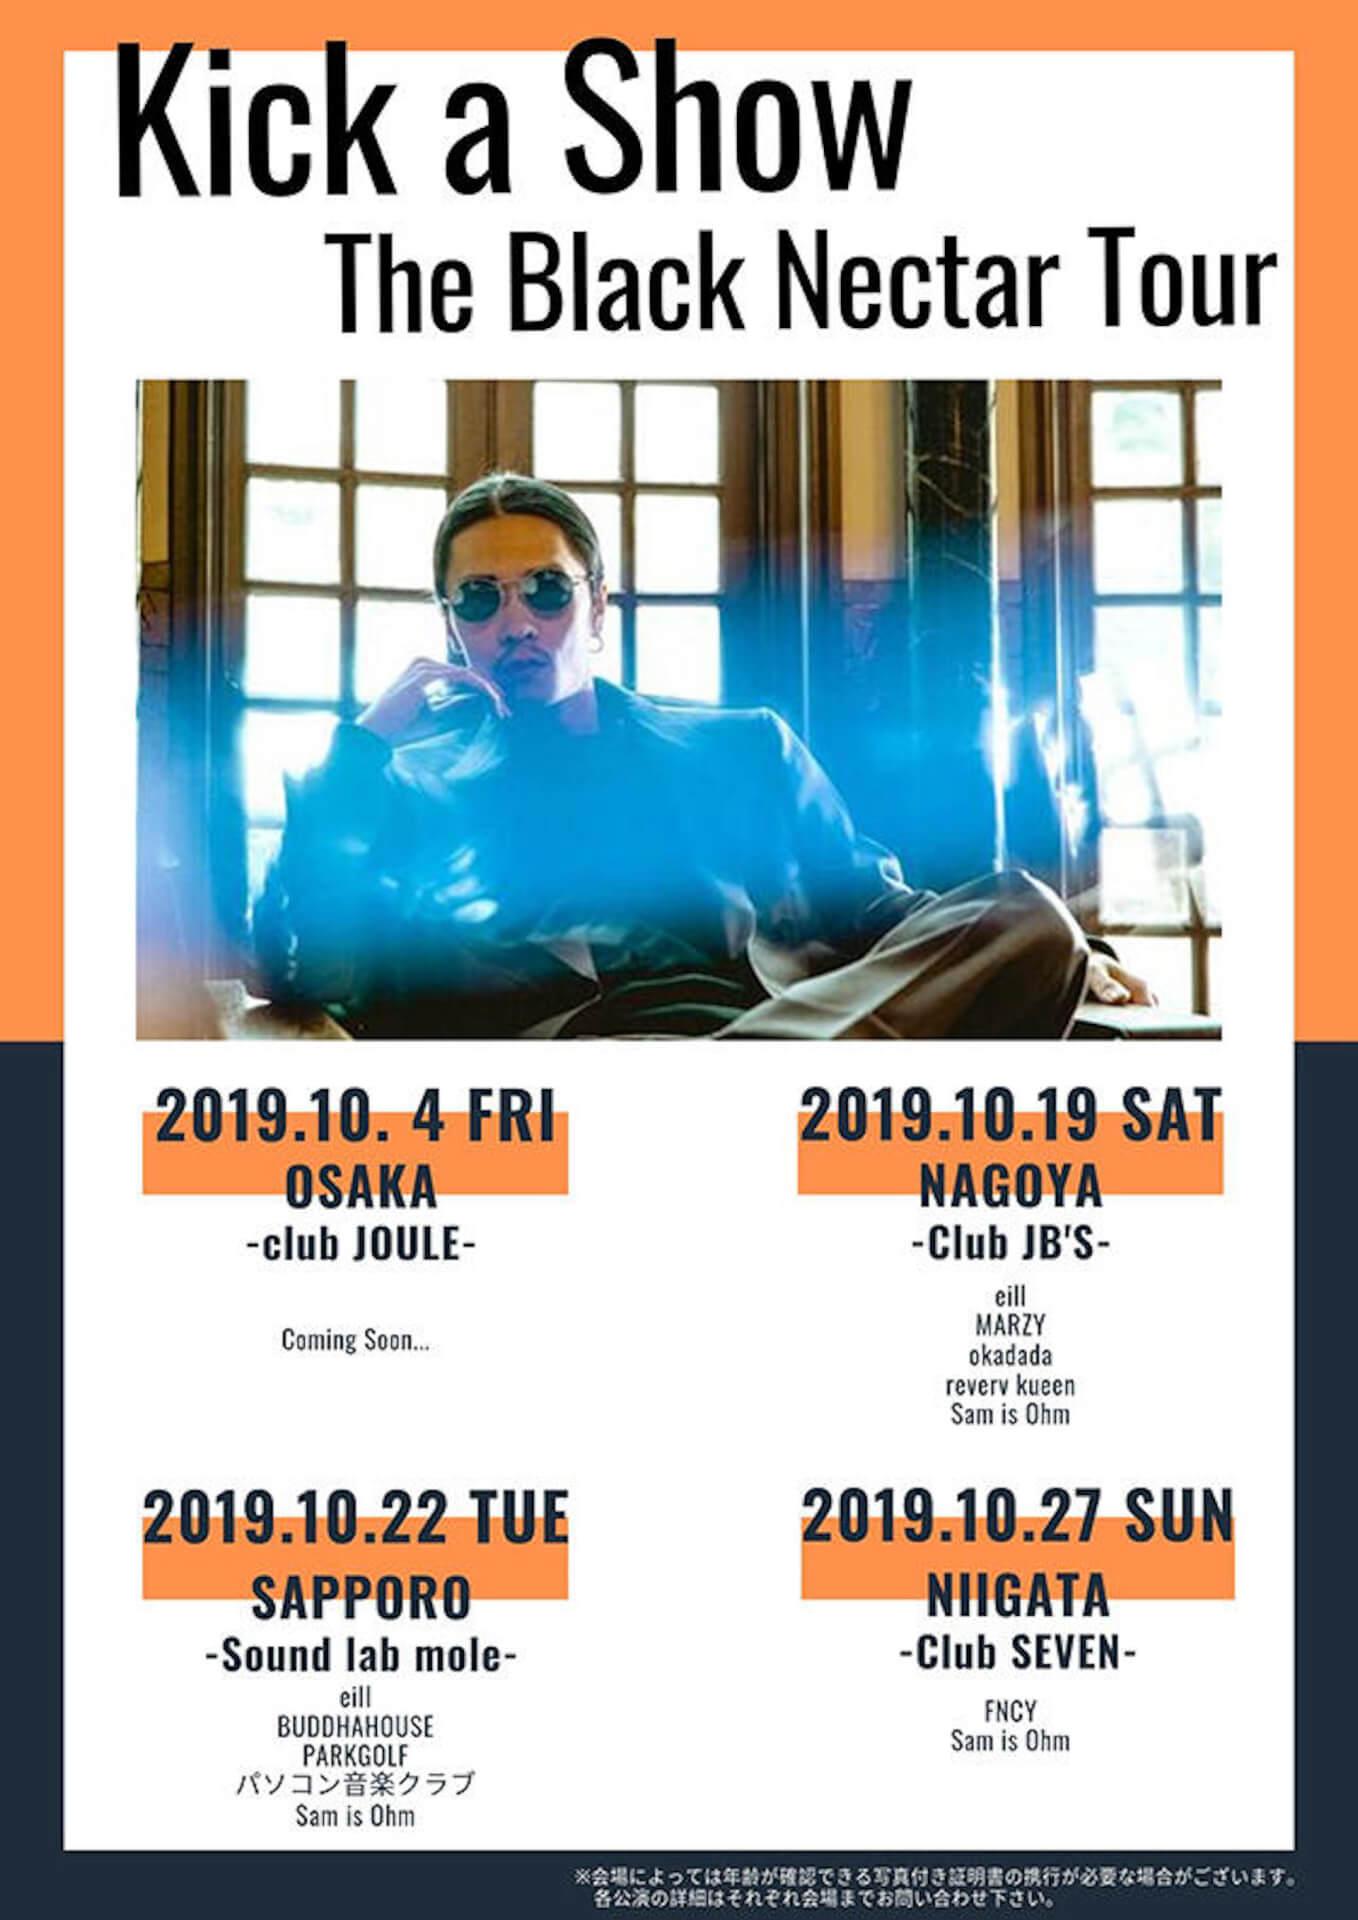 気鋭のシンガーKick a Showが、HUNGERを客演に迎えた楽曲を含む最新EP『Sour White』をリリース|渋谷WWW Xにて待望のワンマンライブも Kick-a-Show_Black-Nectar-Tour